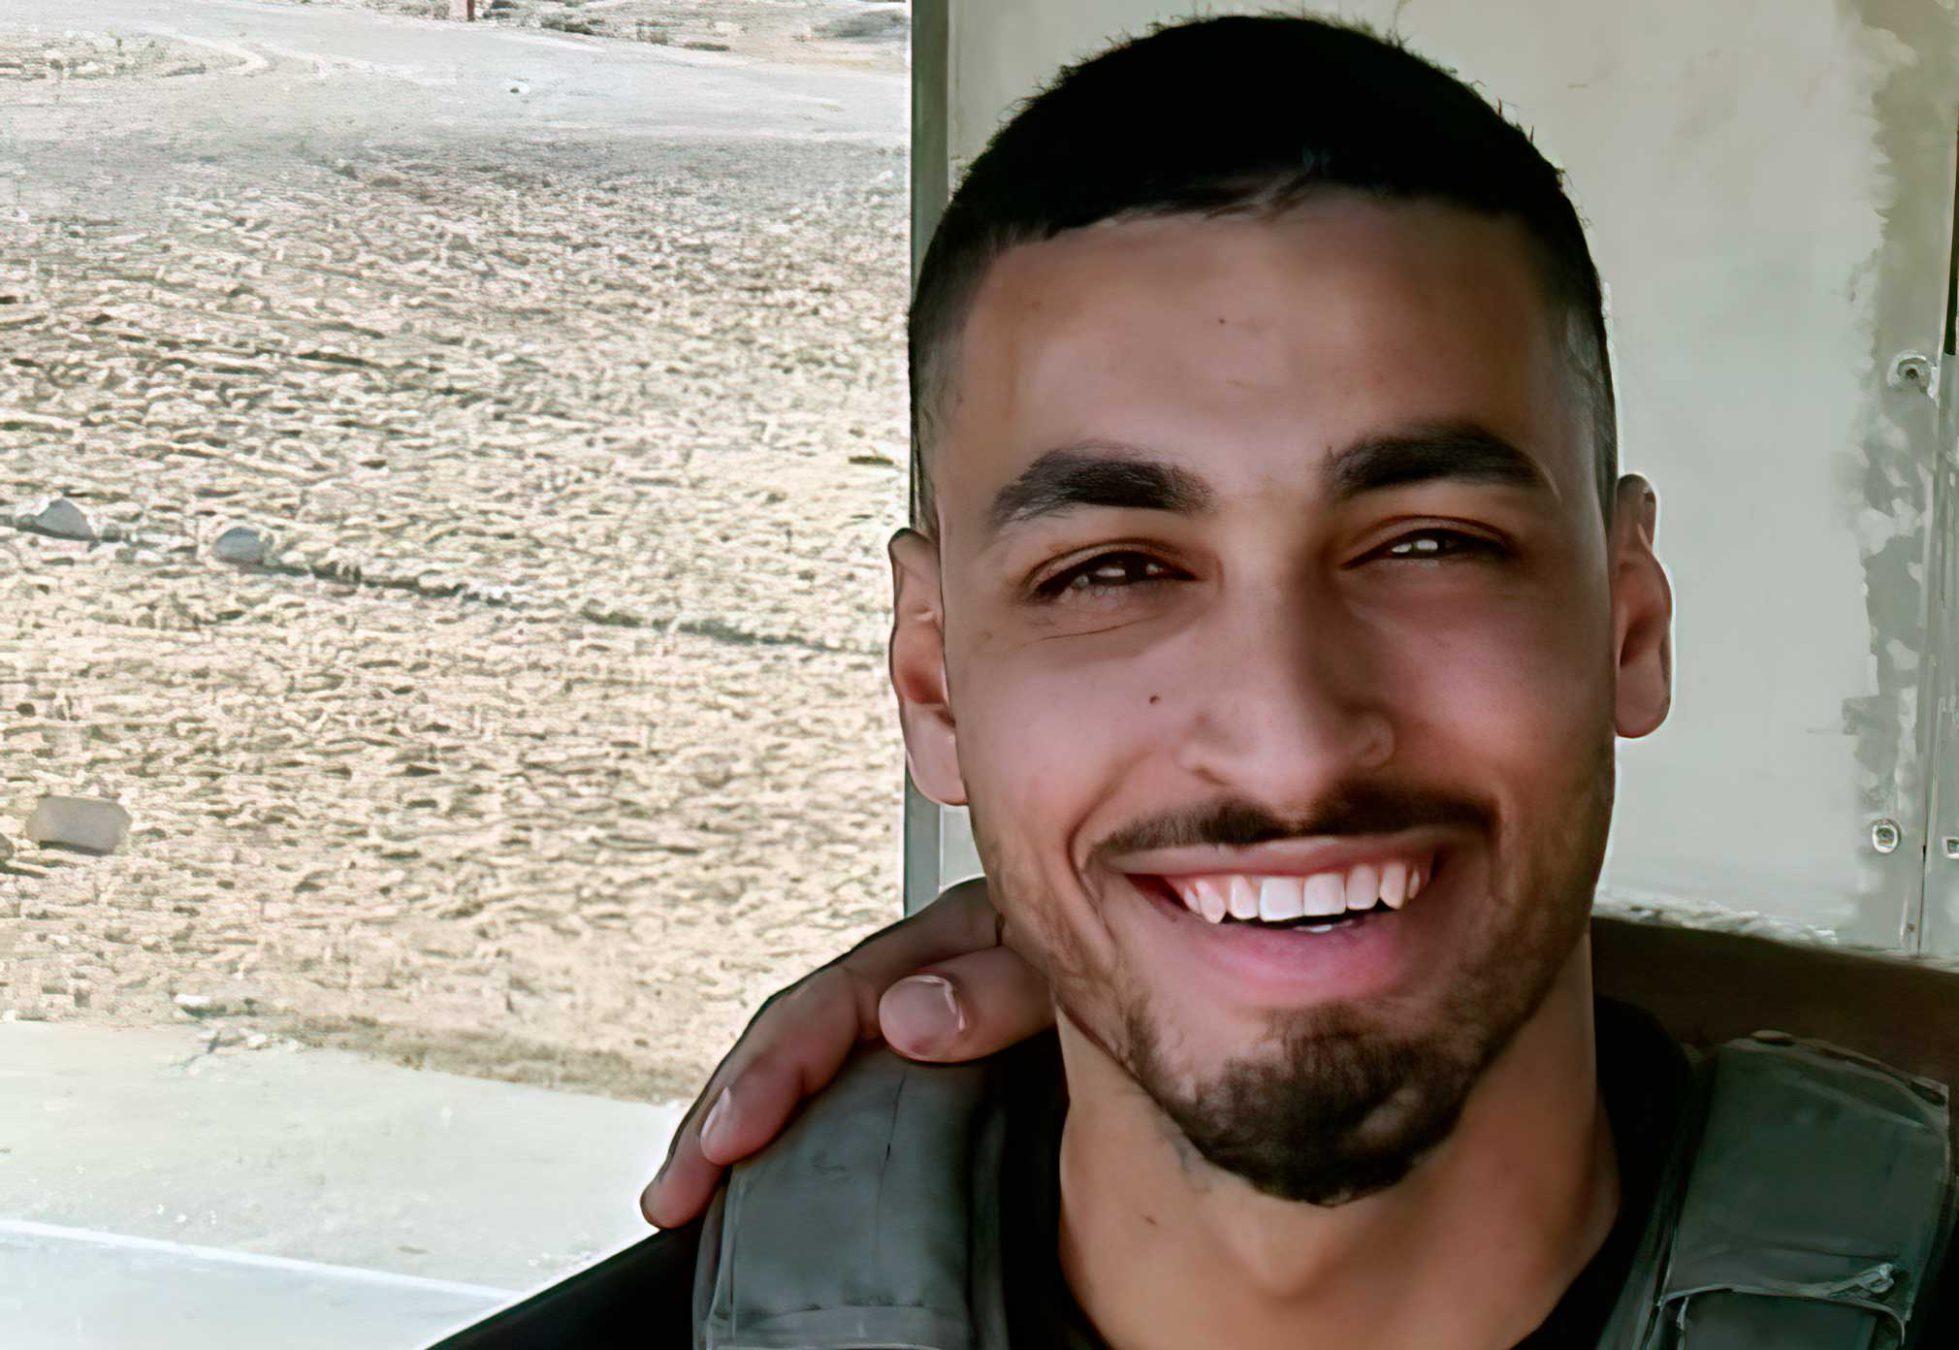 Soldado herido de gravedad en el tiroteo es identificado como Barel Shmuel de 21 años